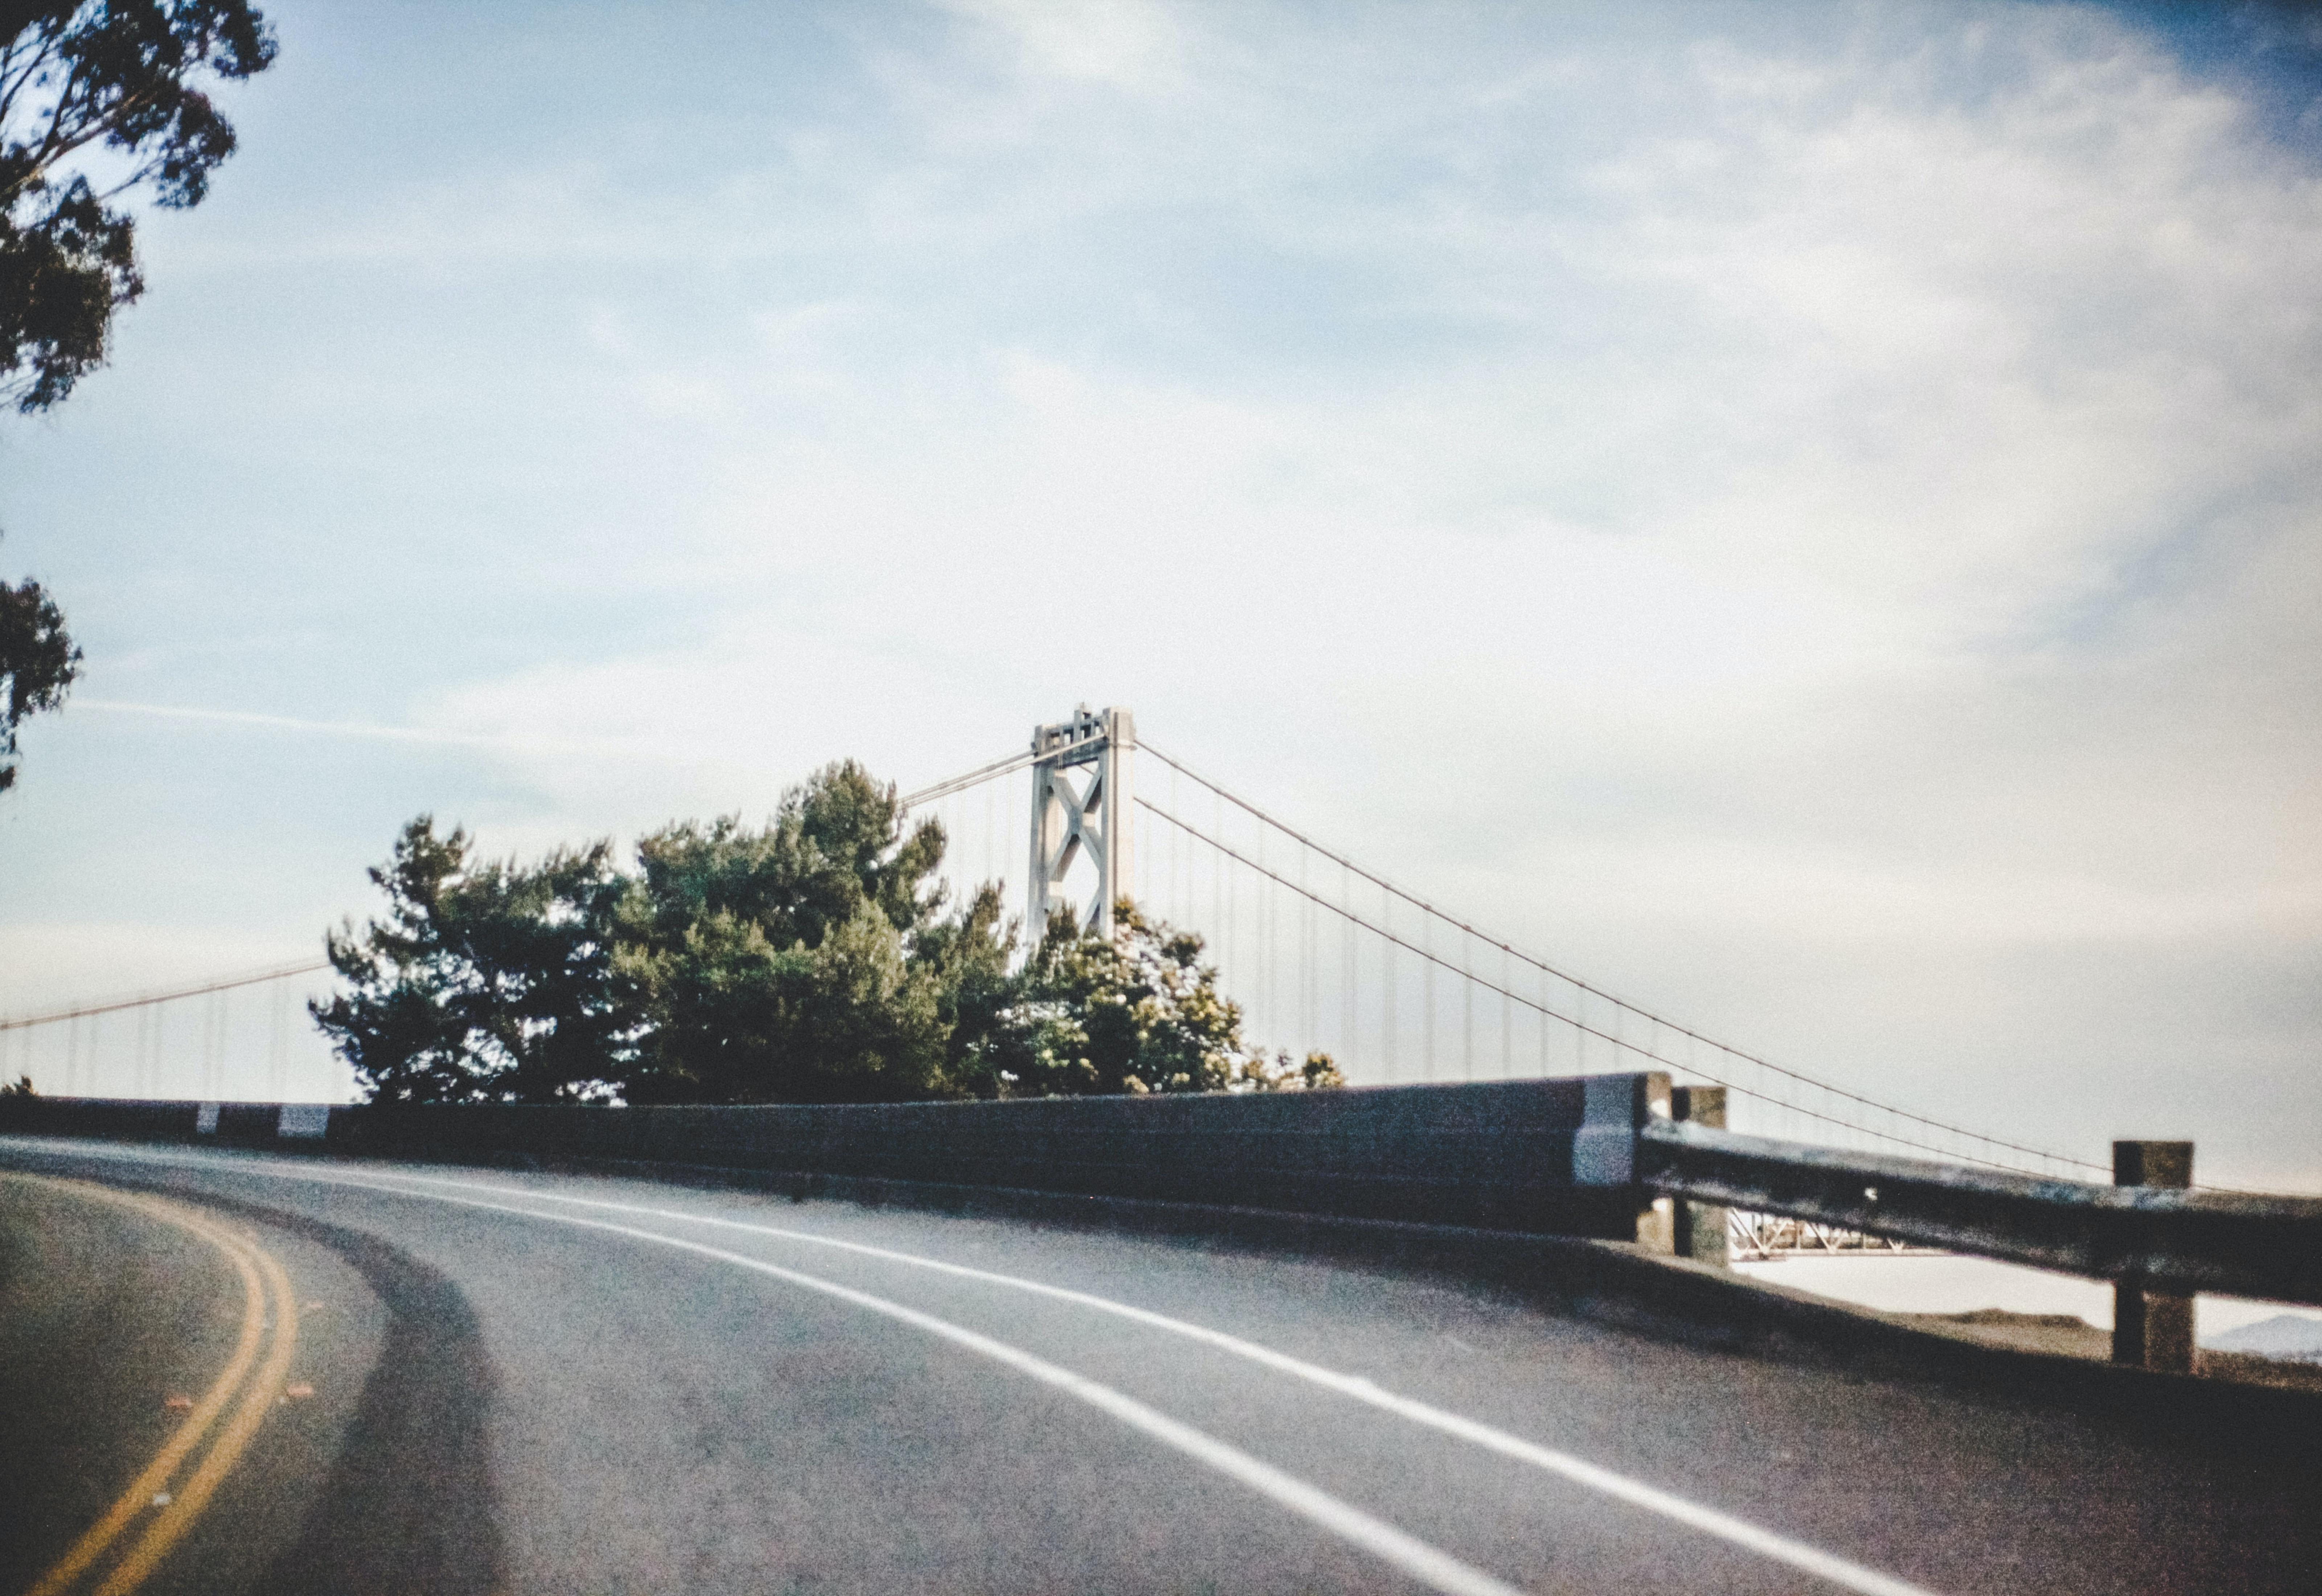 Más seguridad para los trabajos en carretera con la aplicación VRoad